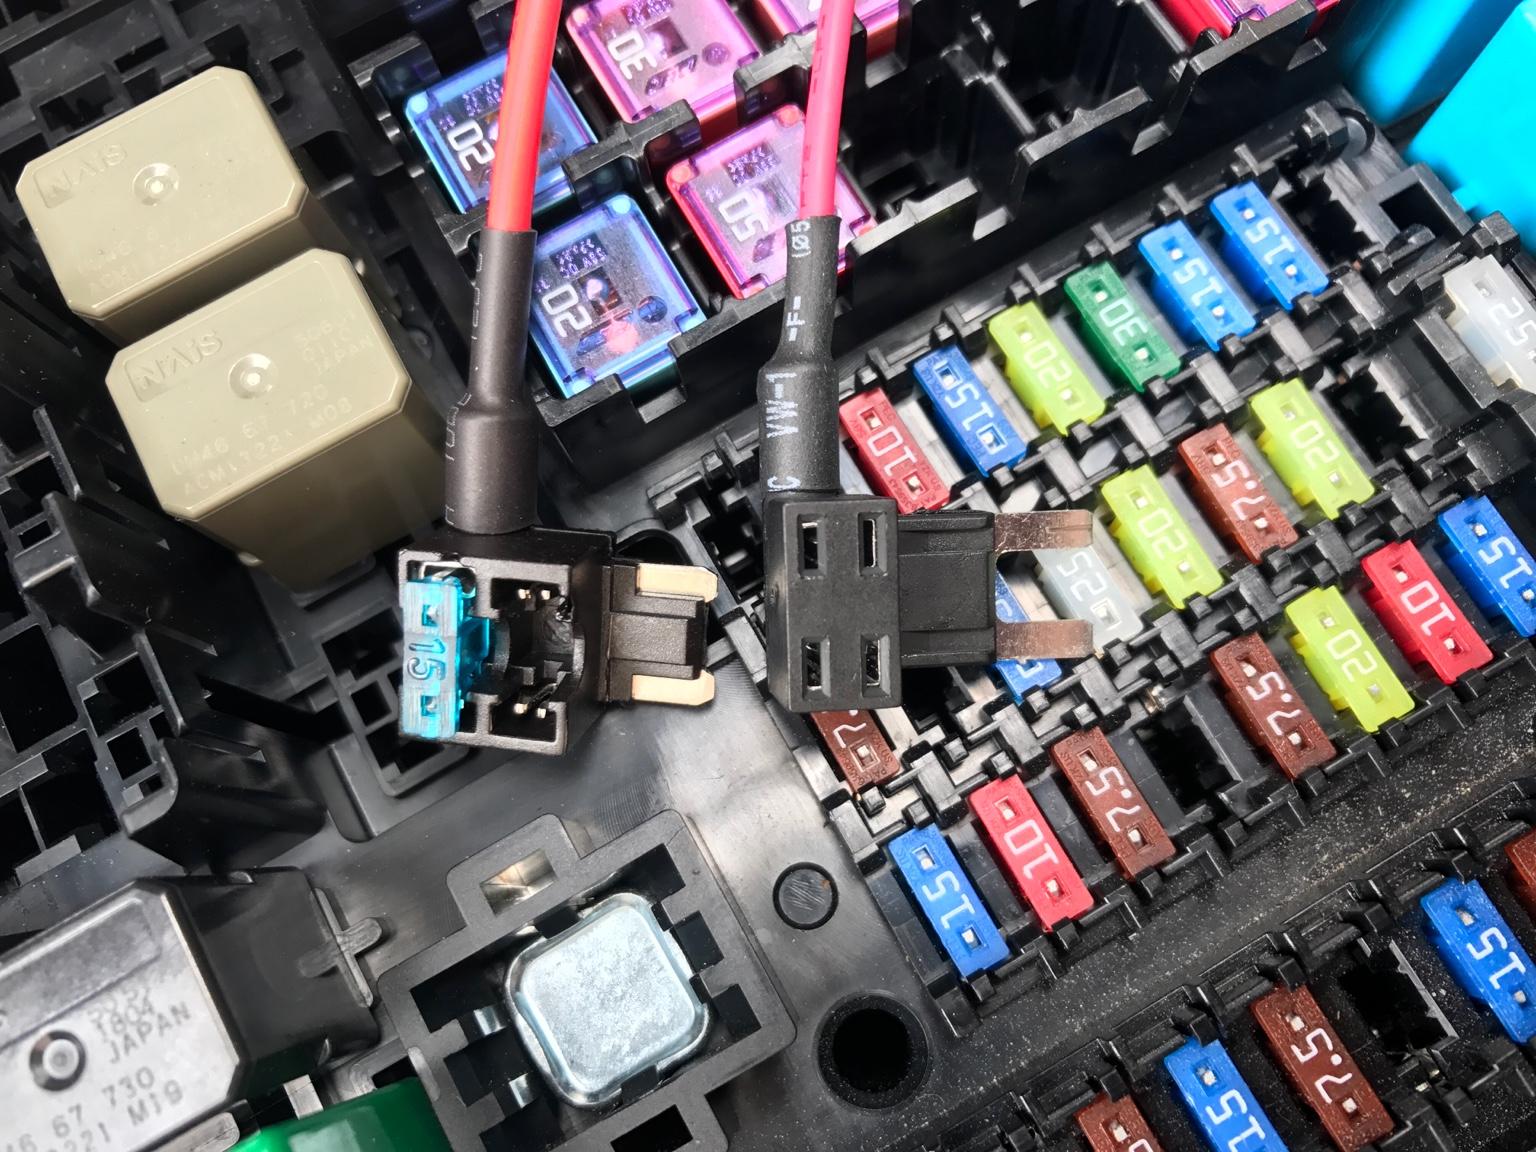 miata fuse box 93dbee mazda mx5 miata interior fuse box wiring library  mazda mx5 miata interior fuse box